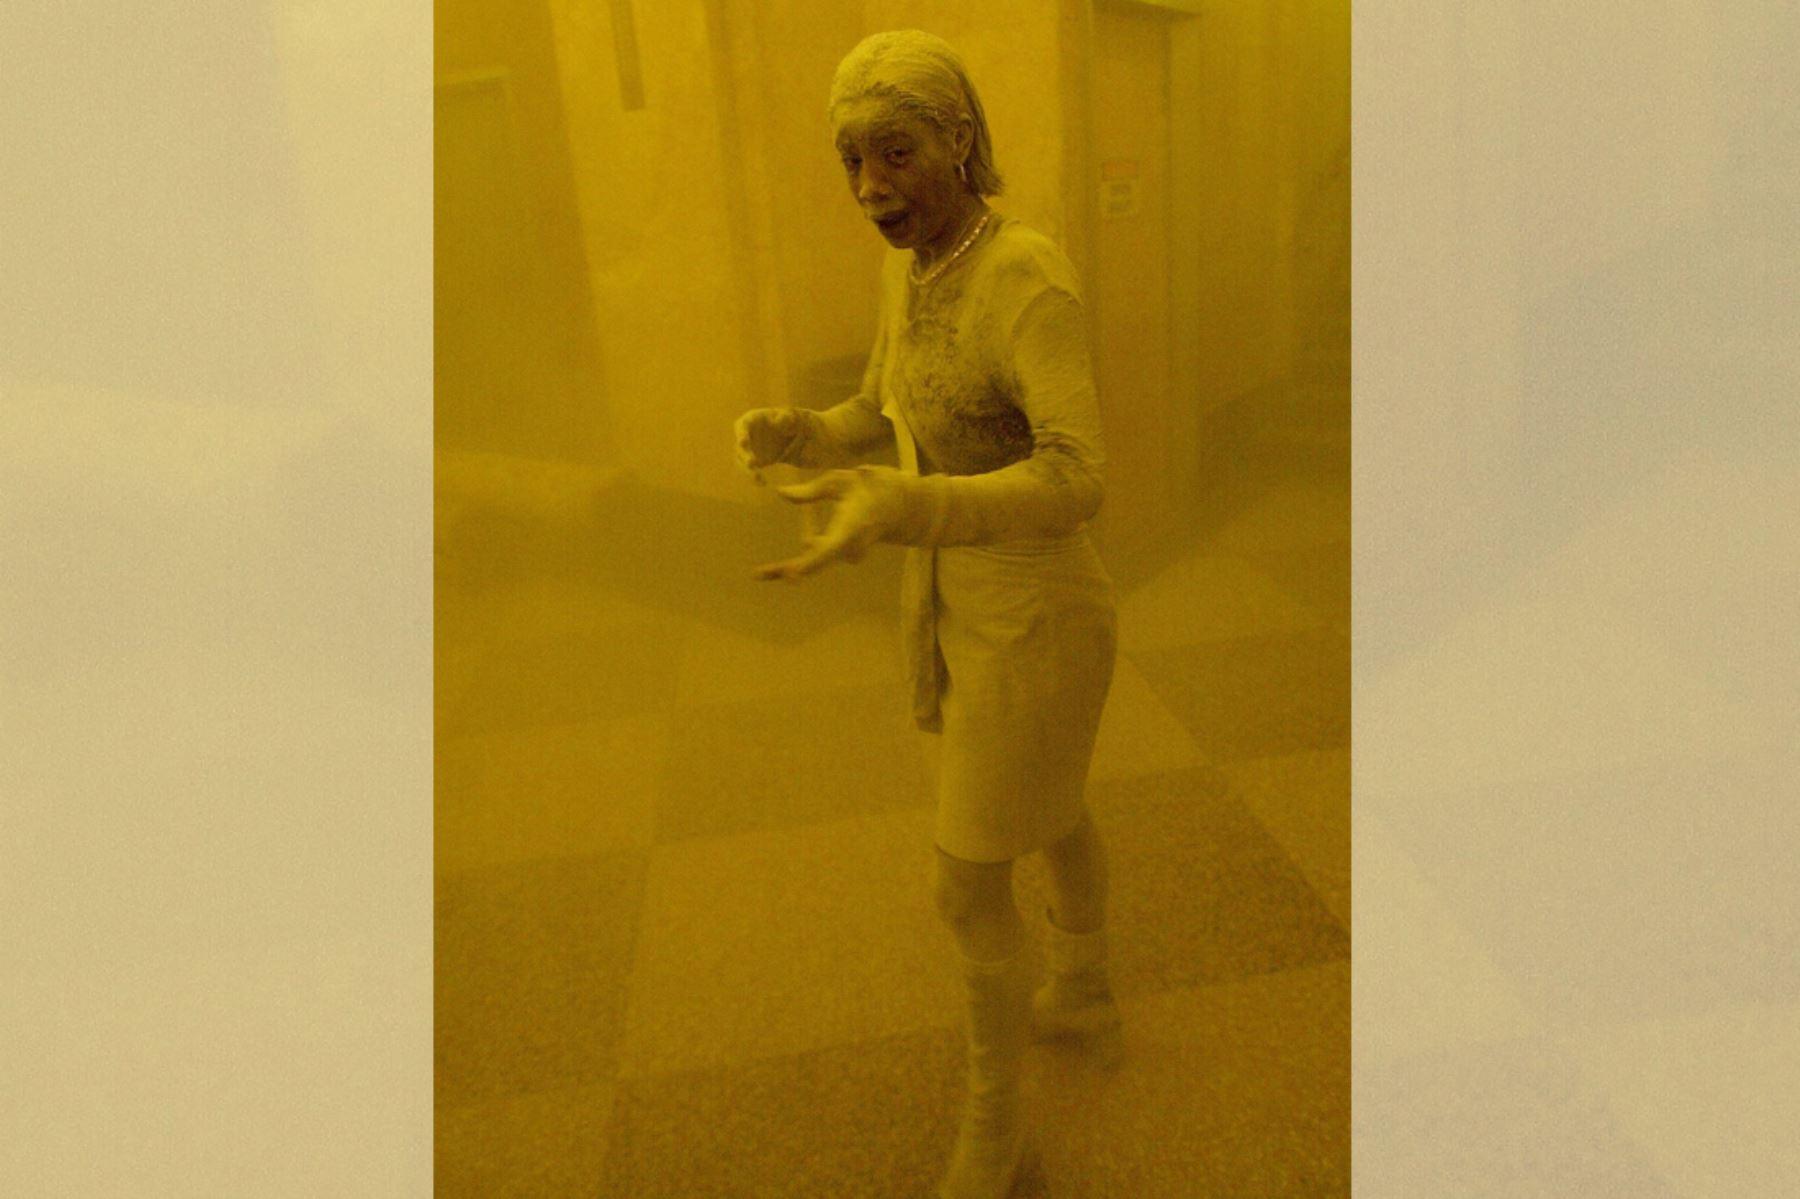 Marcy Borders cubierta de polvo mientras se refugia en un edificio de oficinas después de que una de las torres del World Trade Center se derrumbó en Nueva York el 11 de setiembre de 2001. Foto: AFP